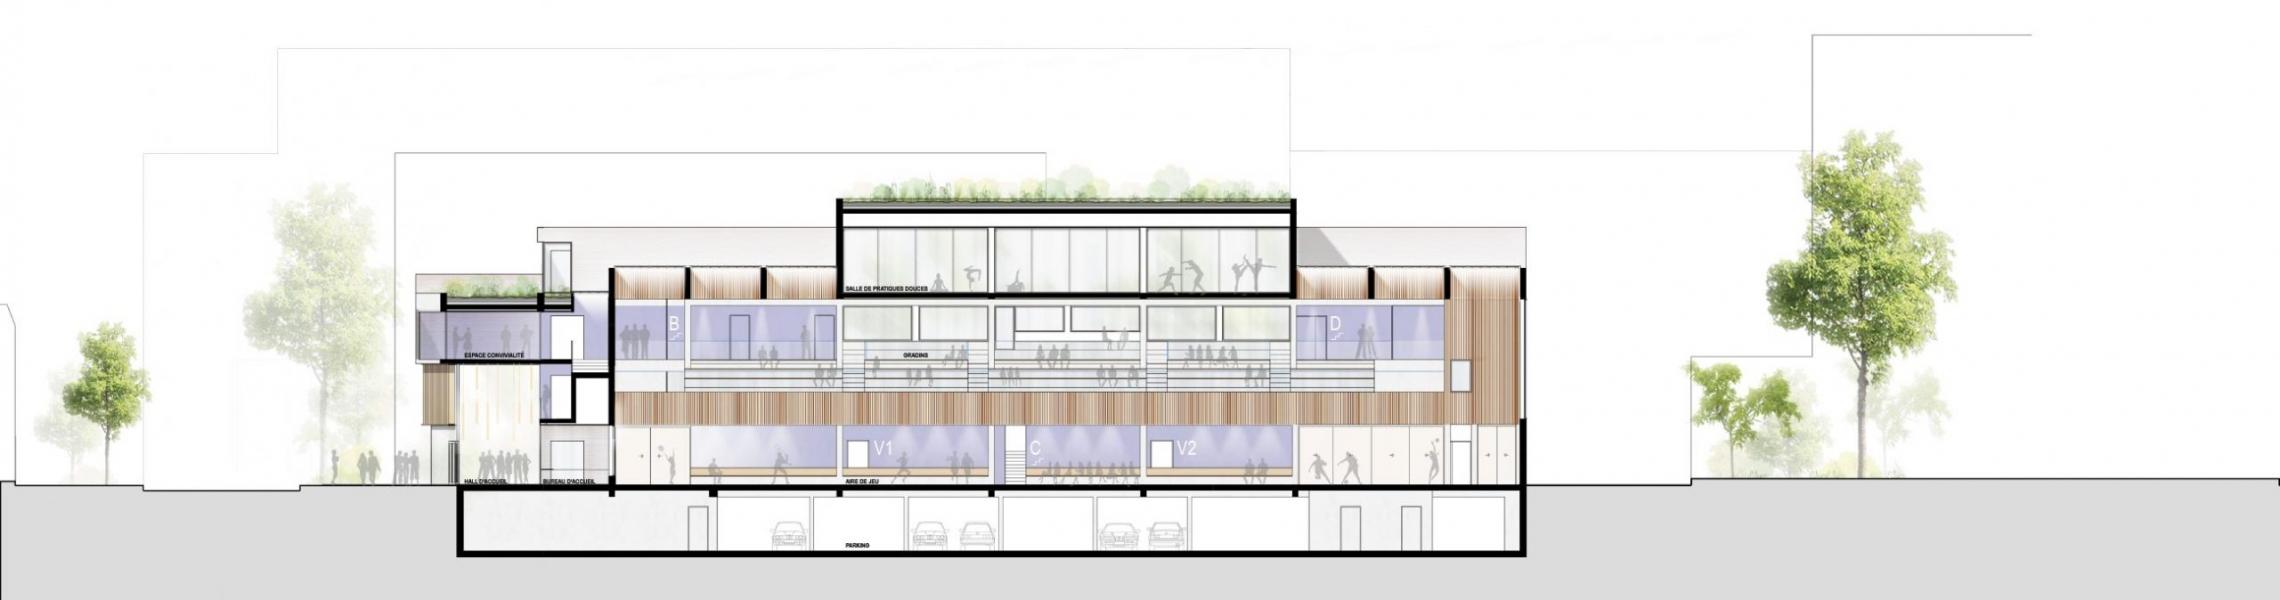 cobalt-architecture-enseignement-villejuif-2